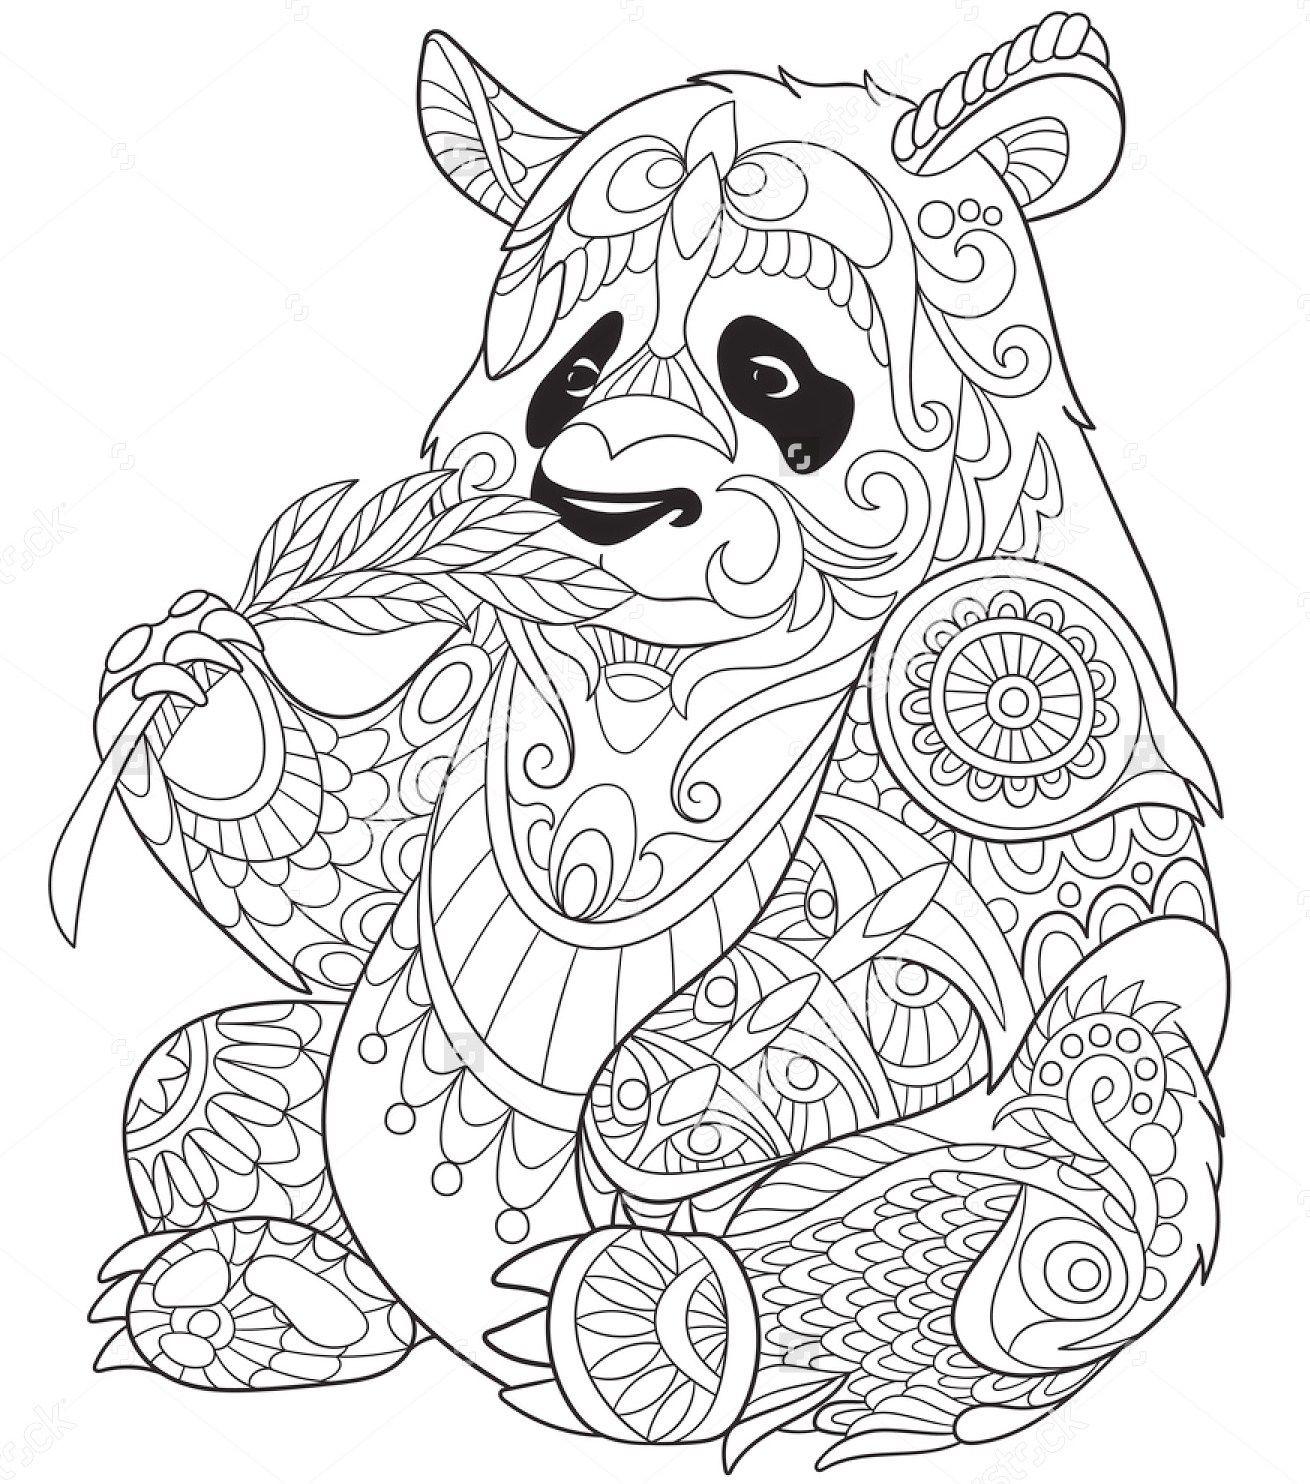 pandaeatingbamboozentanglecoloringpage